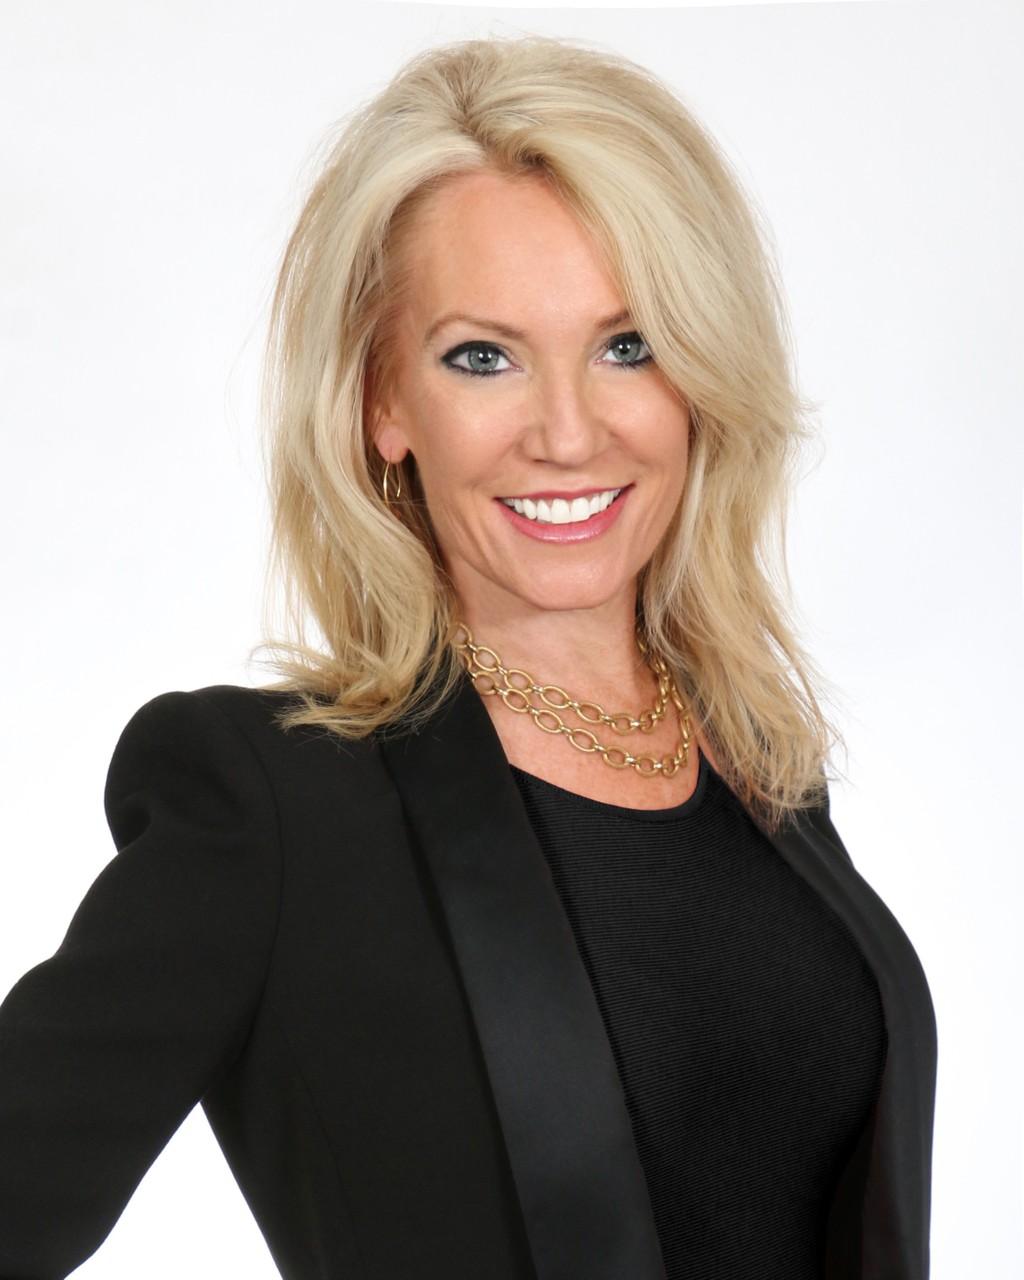 Victoria Kilcullen Real Estate Agent | The Washington Post